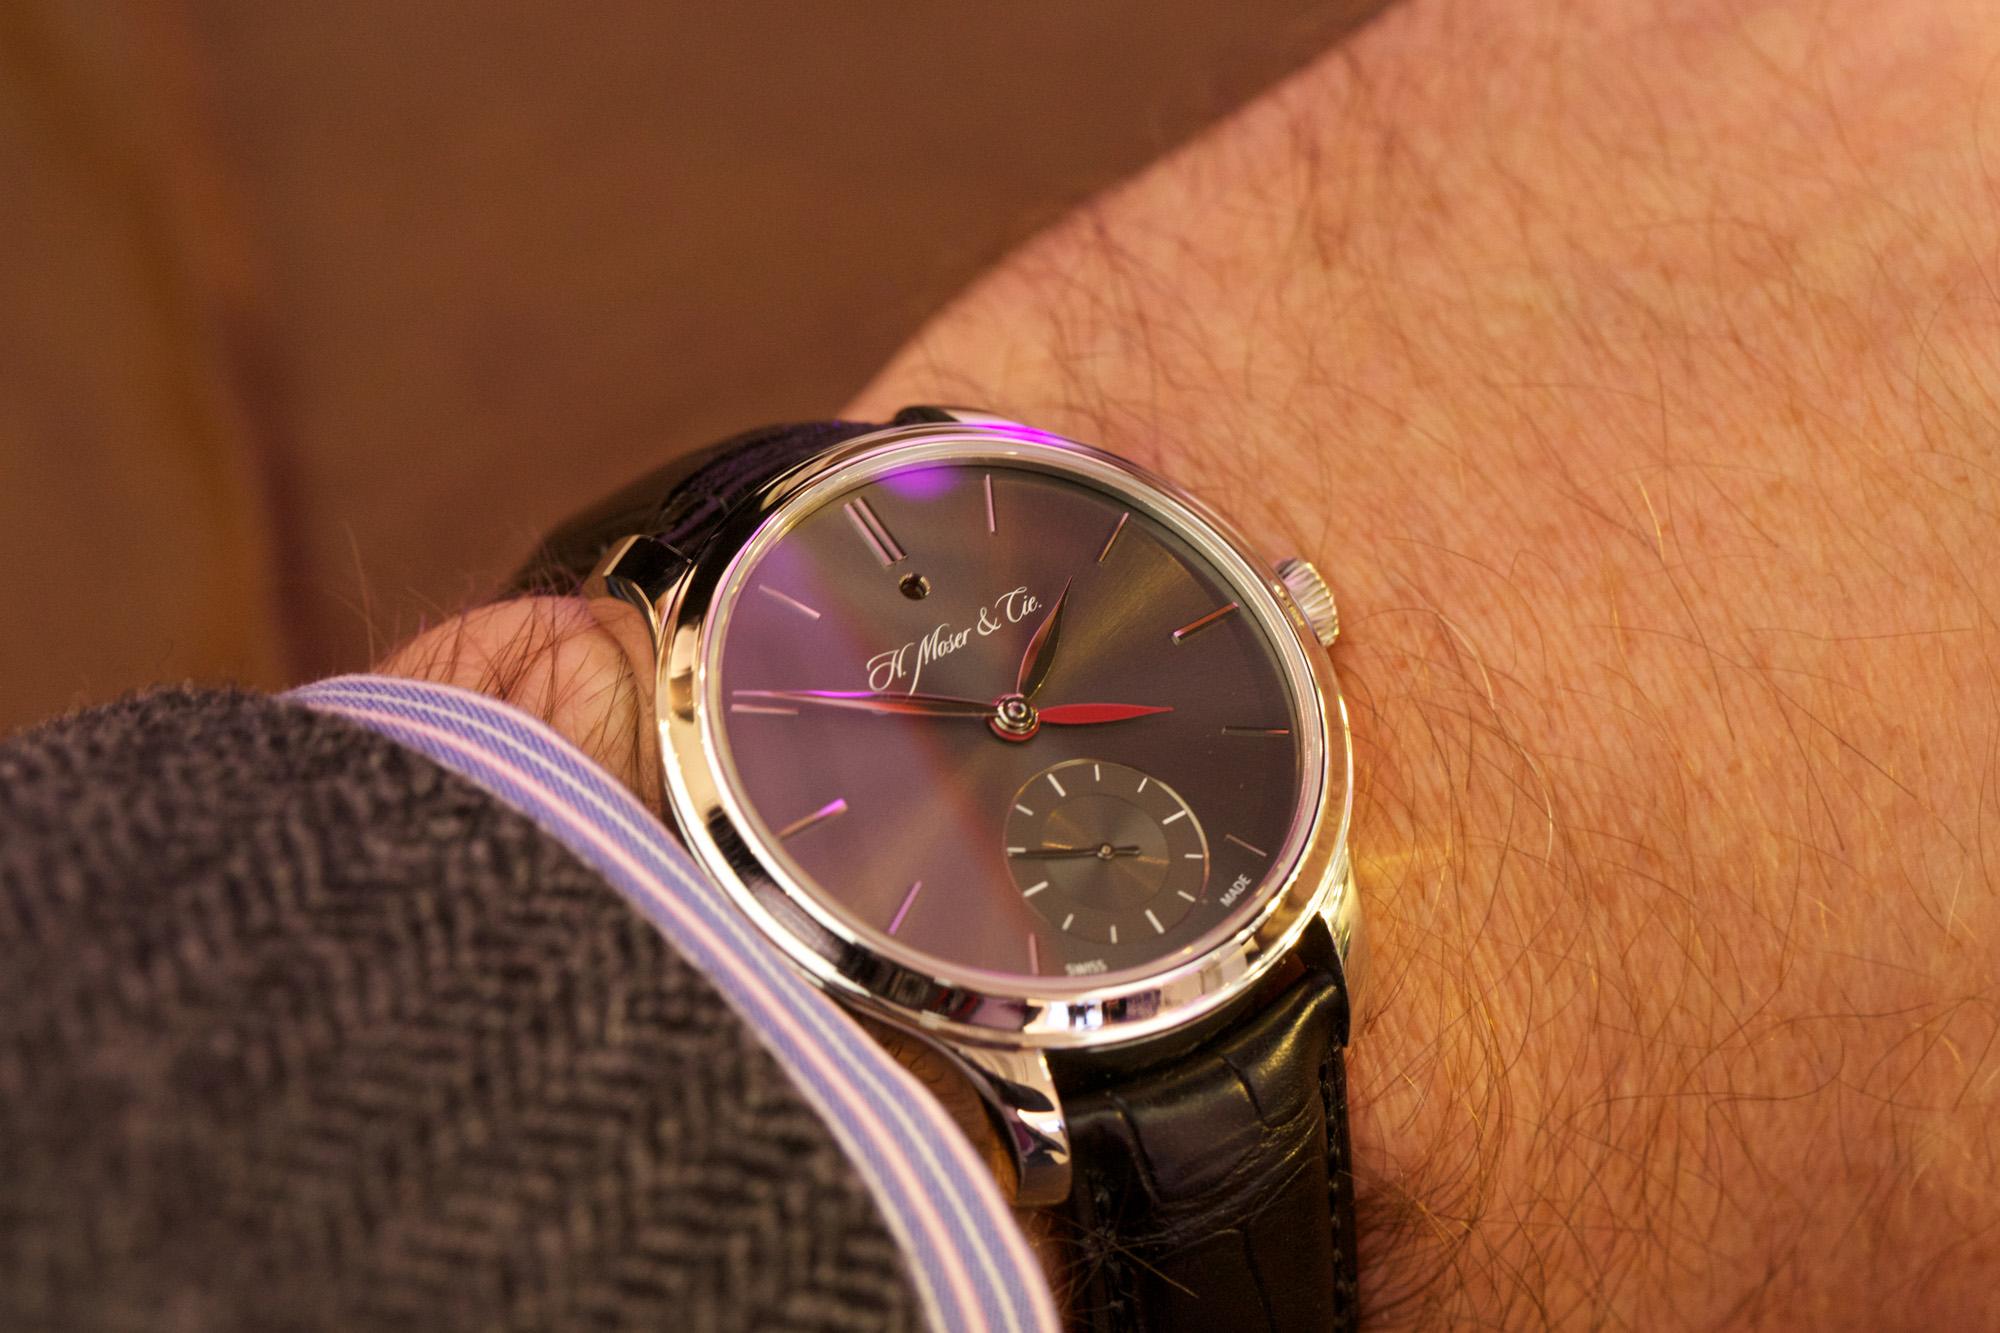 H. Moser & Cie Nomad Dual Time - Wristshot